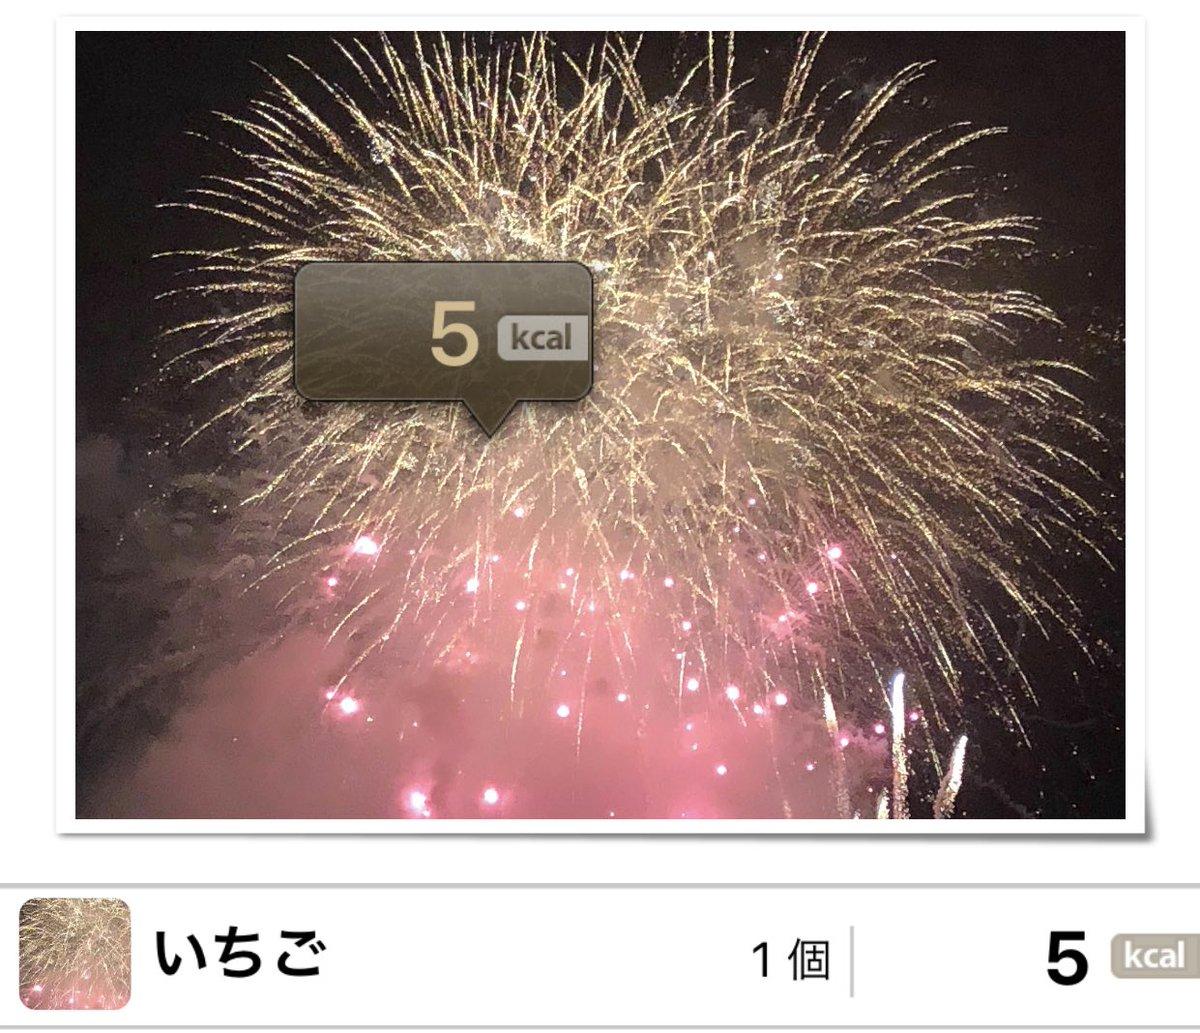 そらる 9月5日アルバム発売さんの投稿画像